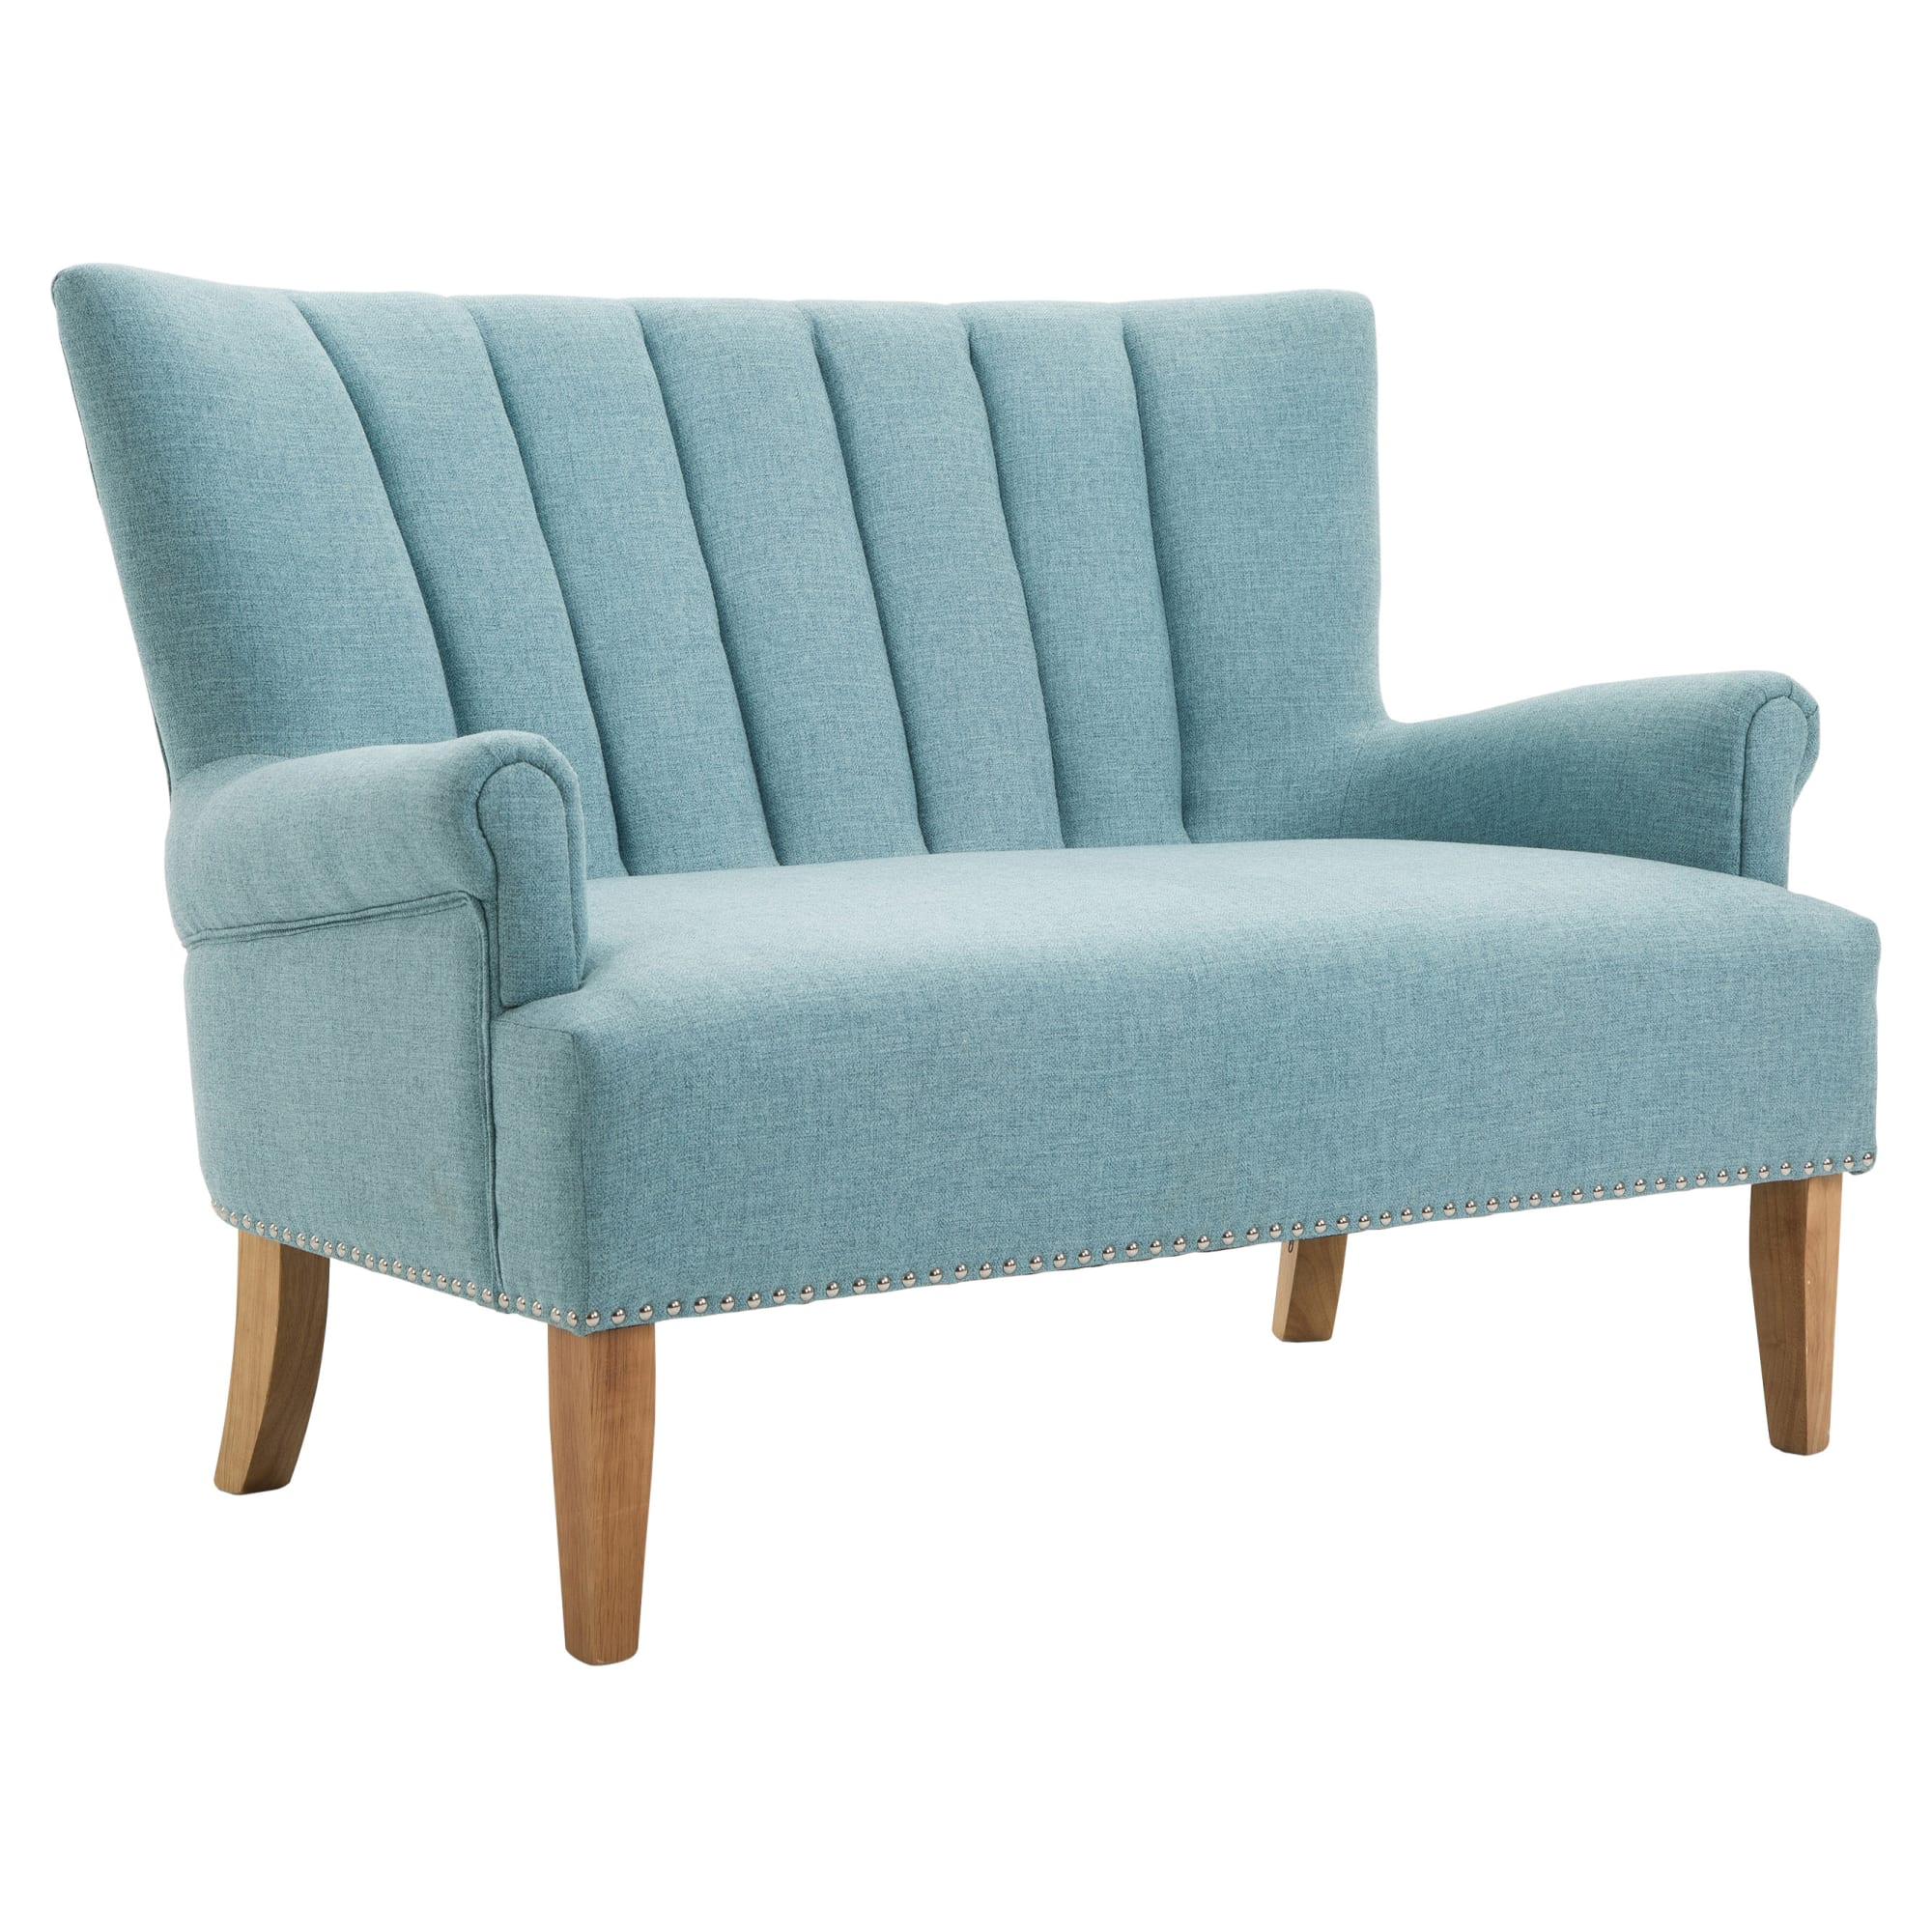 Mano Sofa